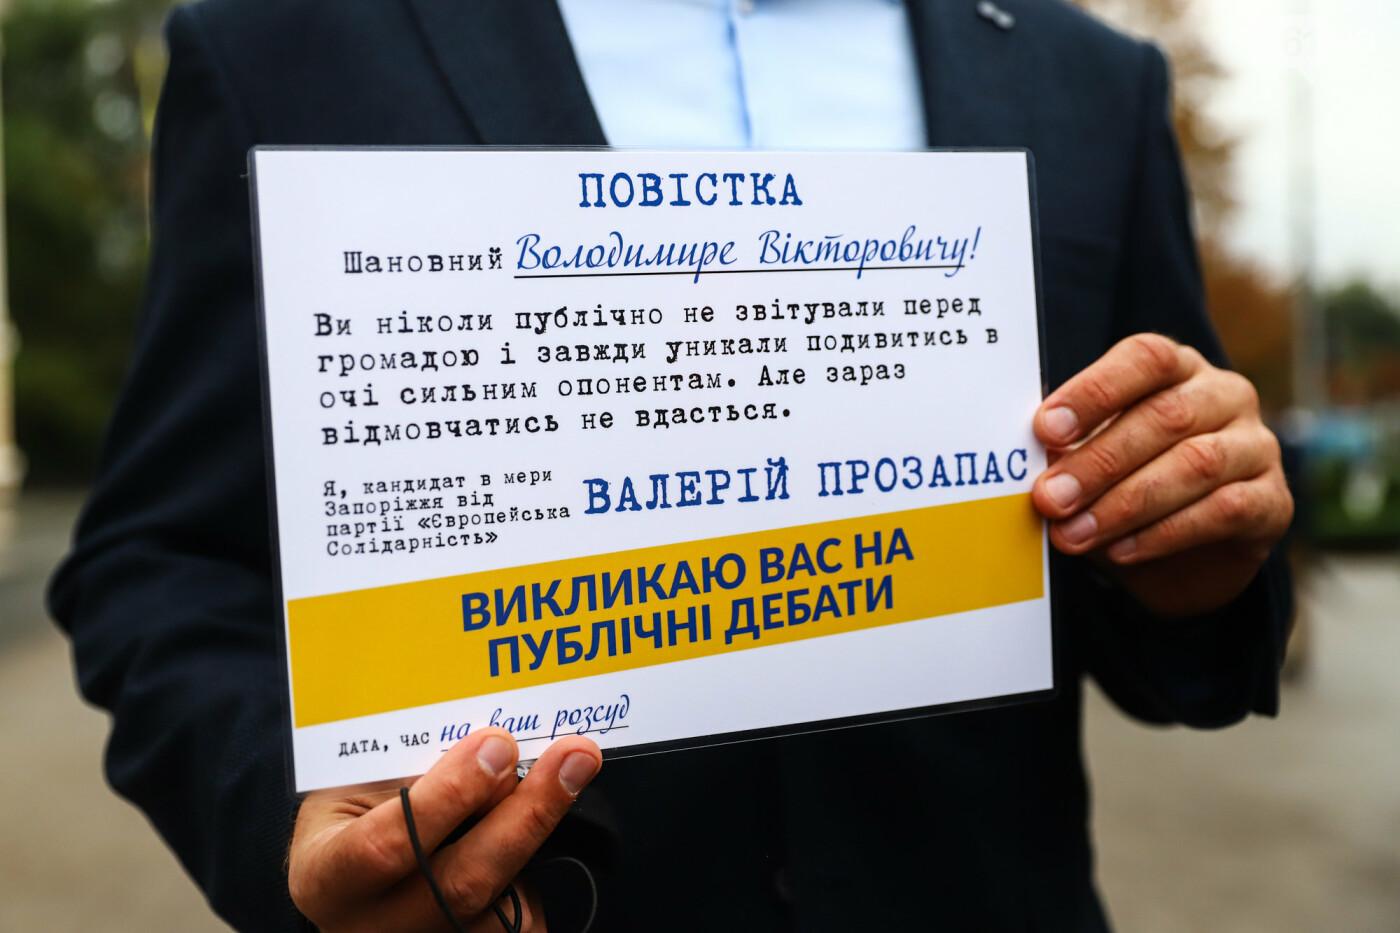 Кандидат в мэры Запорожья Валерий Прозапас вызвал Буряка на публичные дебаты, фото-7